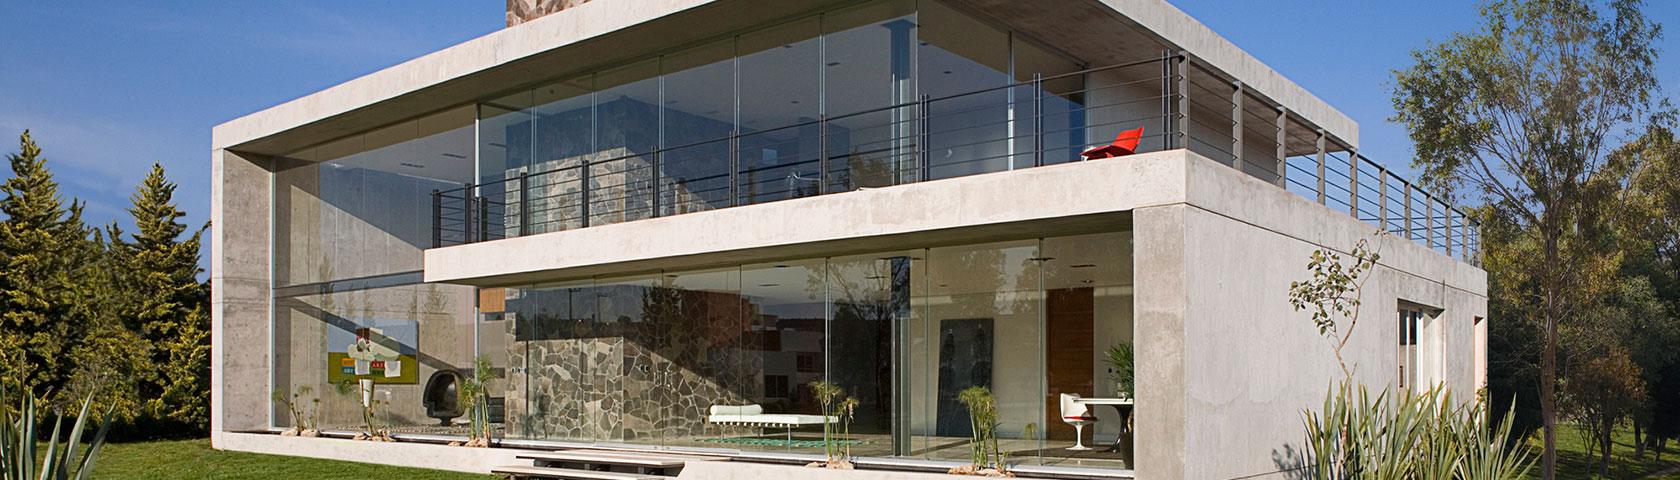 Проекты СИП-домов: готовые и индивидуальные